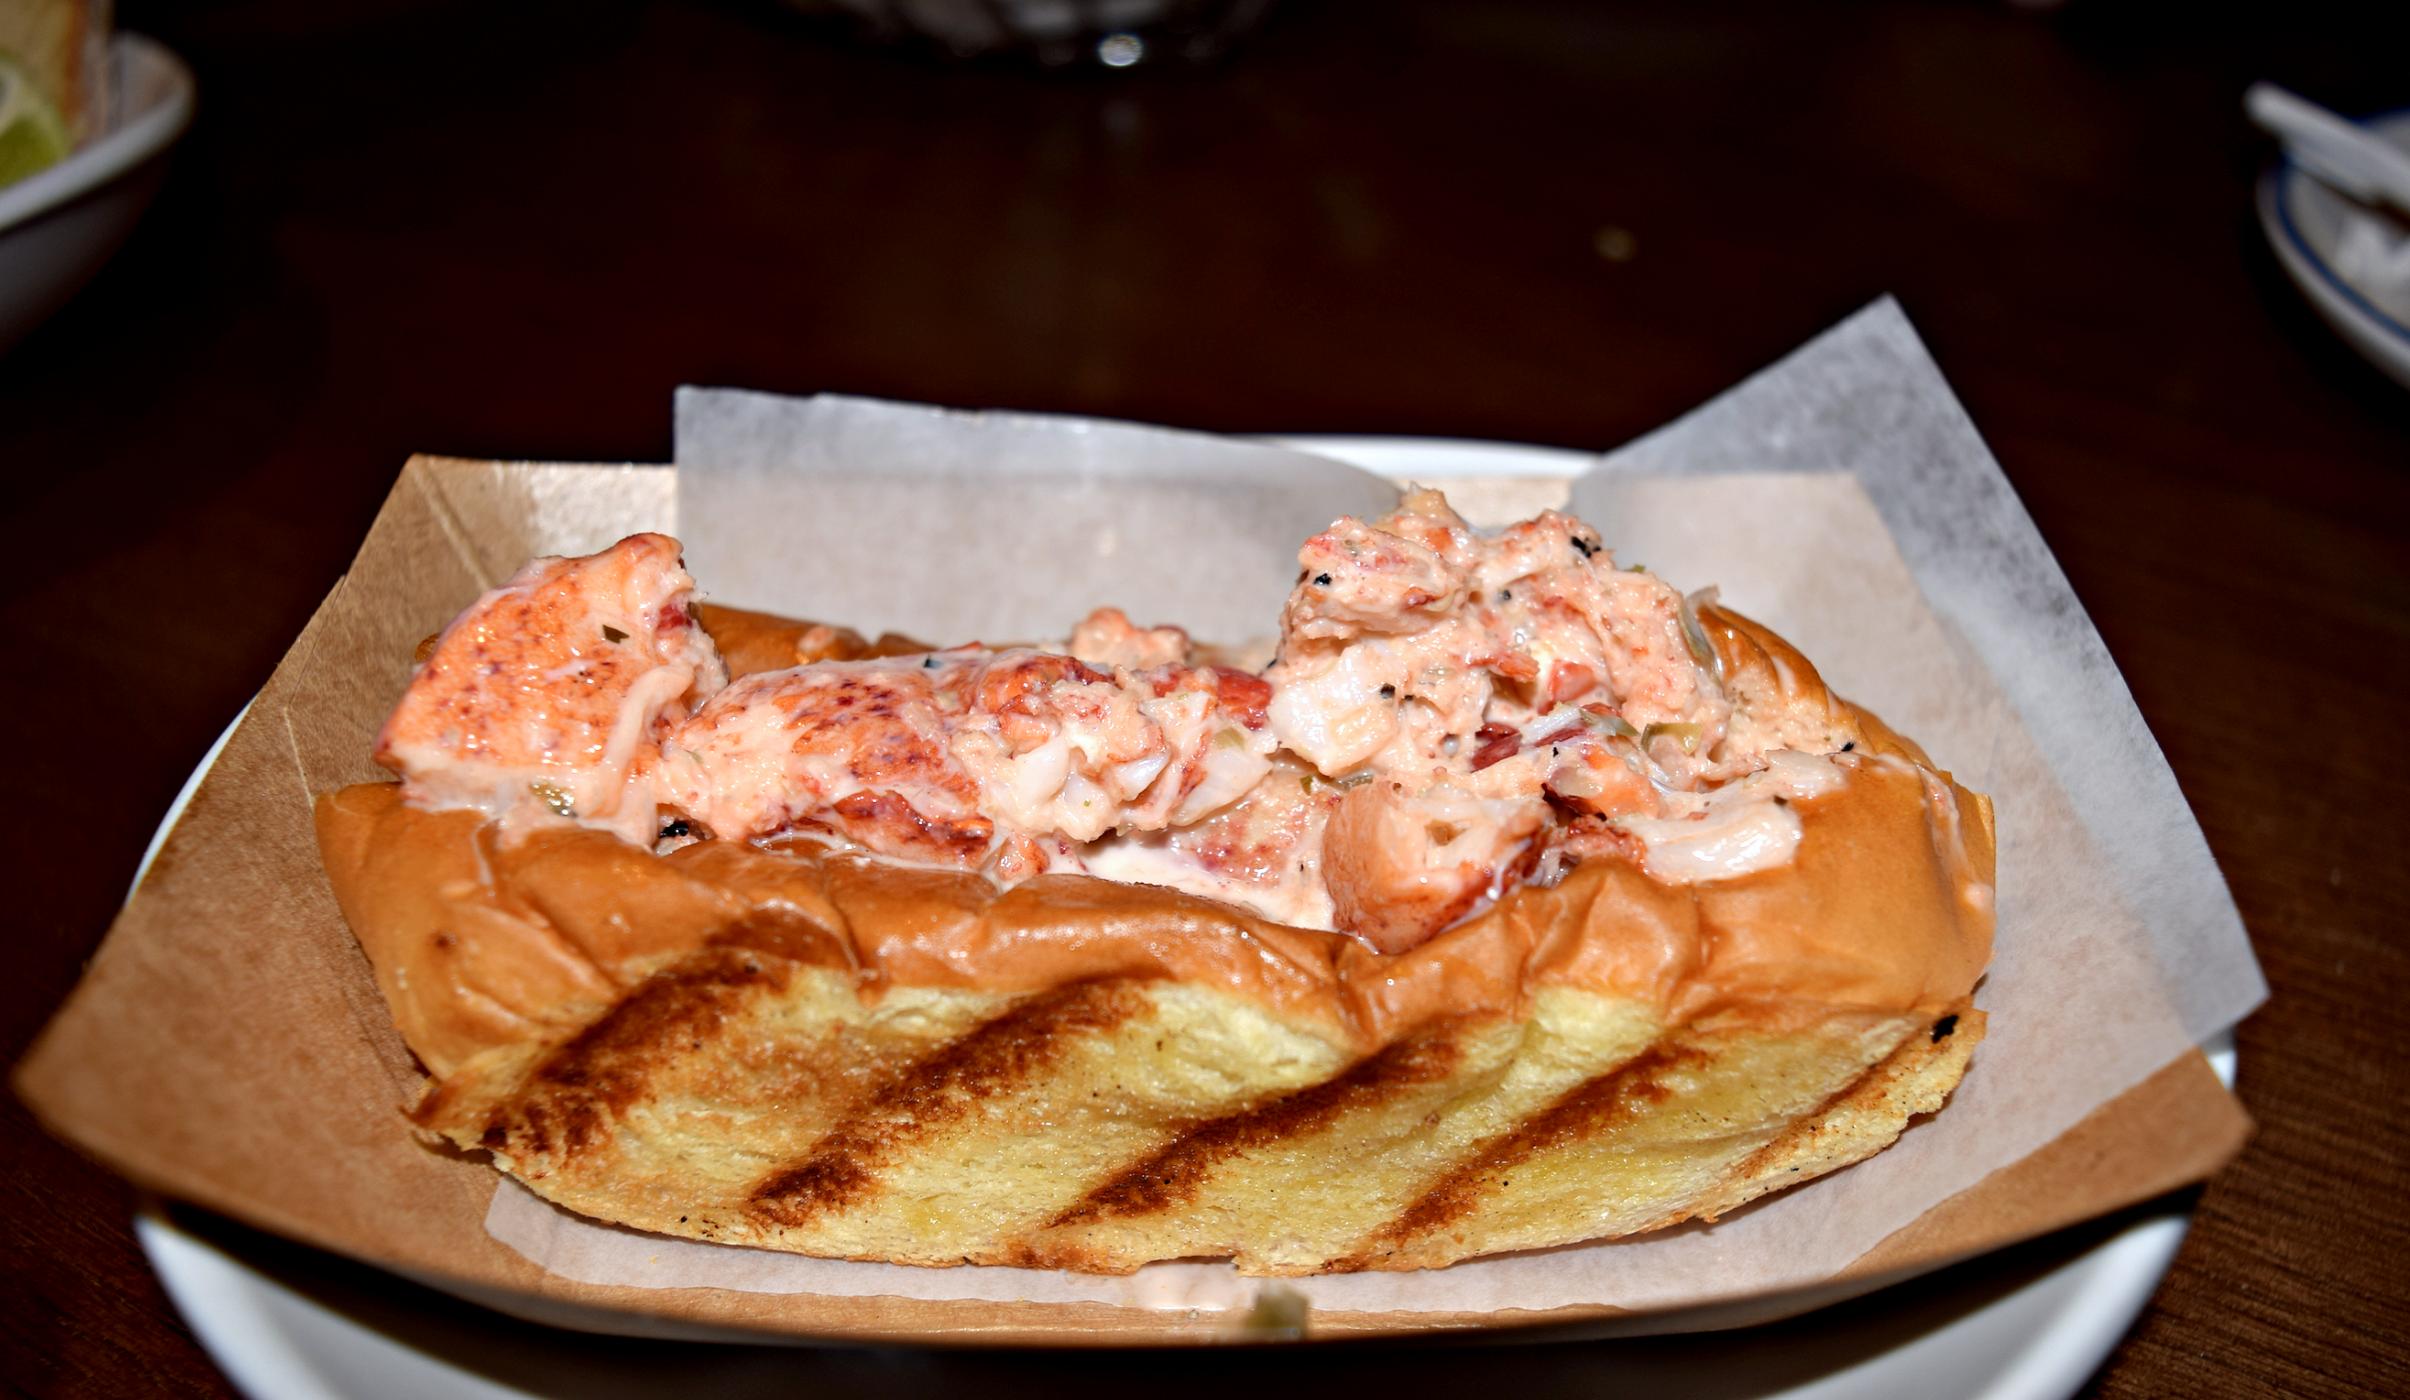 Red Lobster Roll @ Red Lobster - Manassas, Virginia